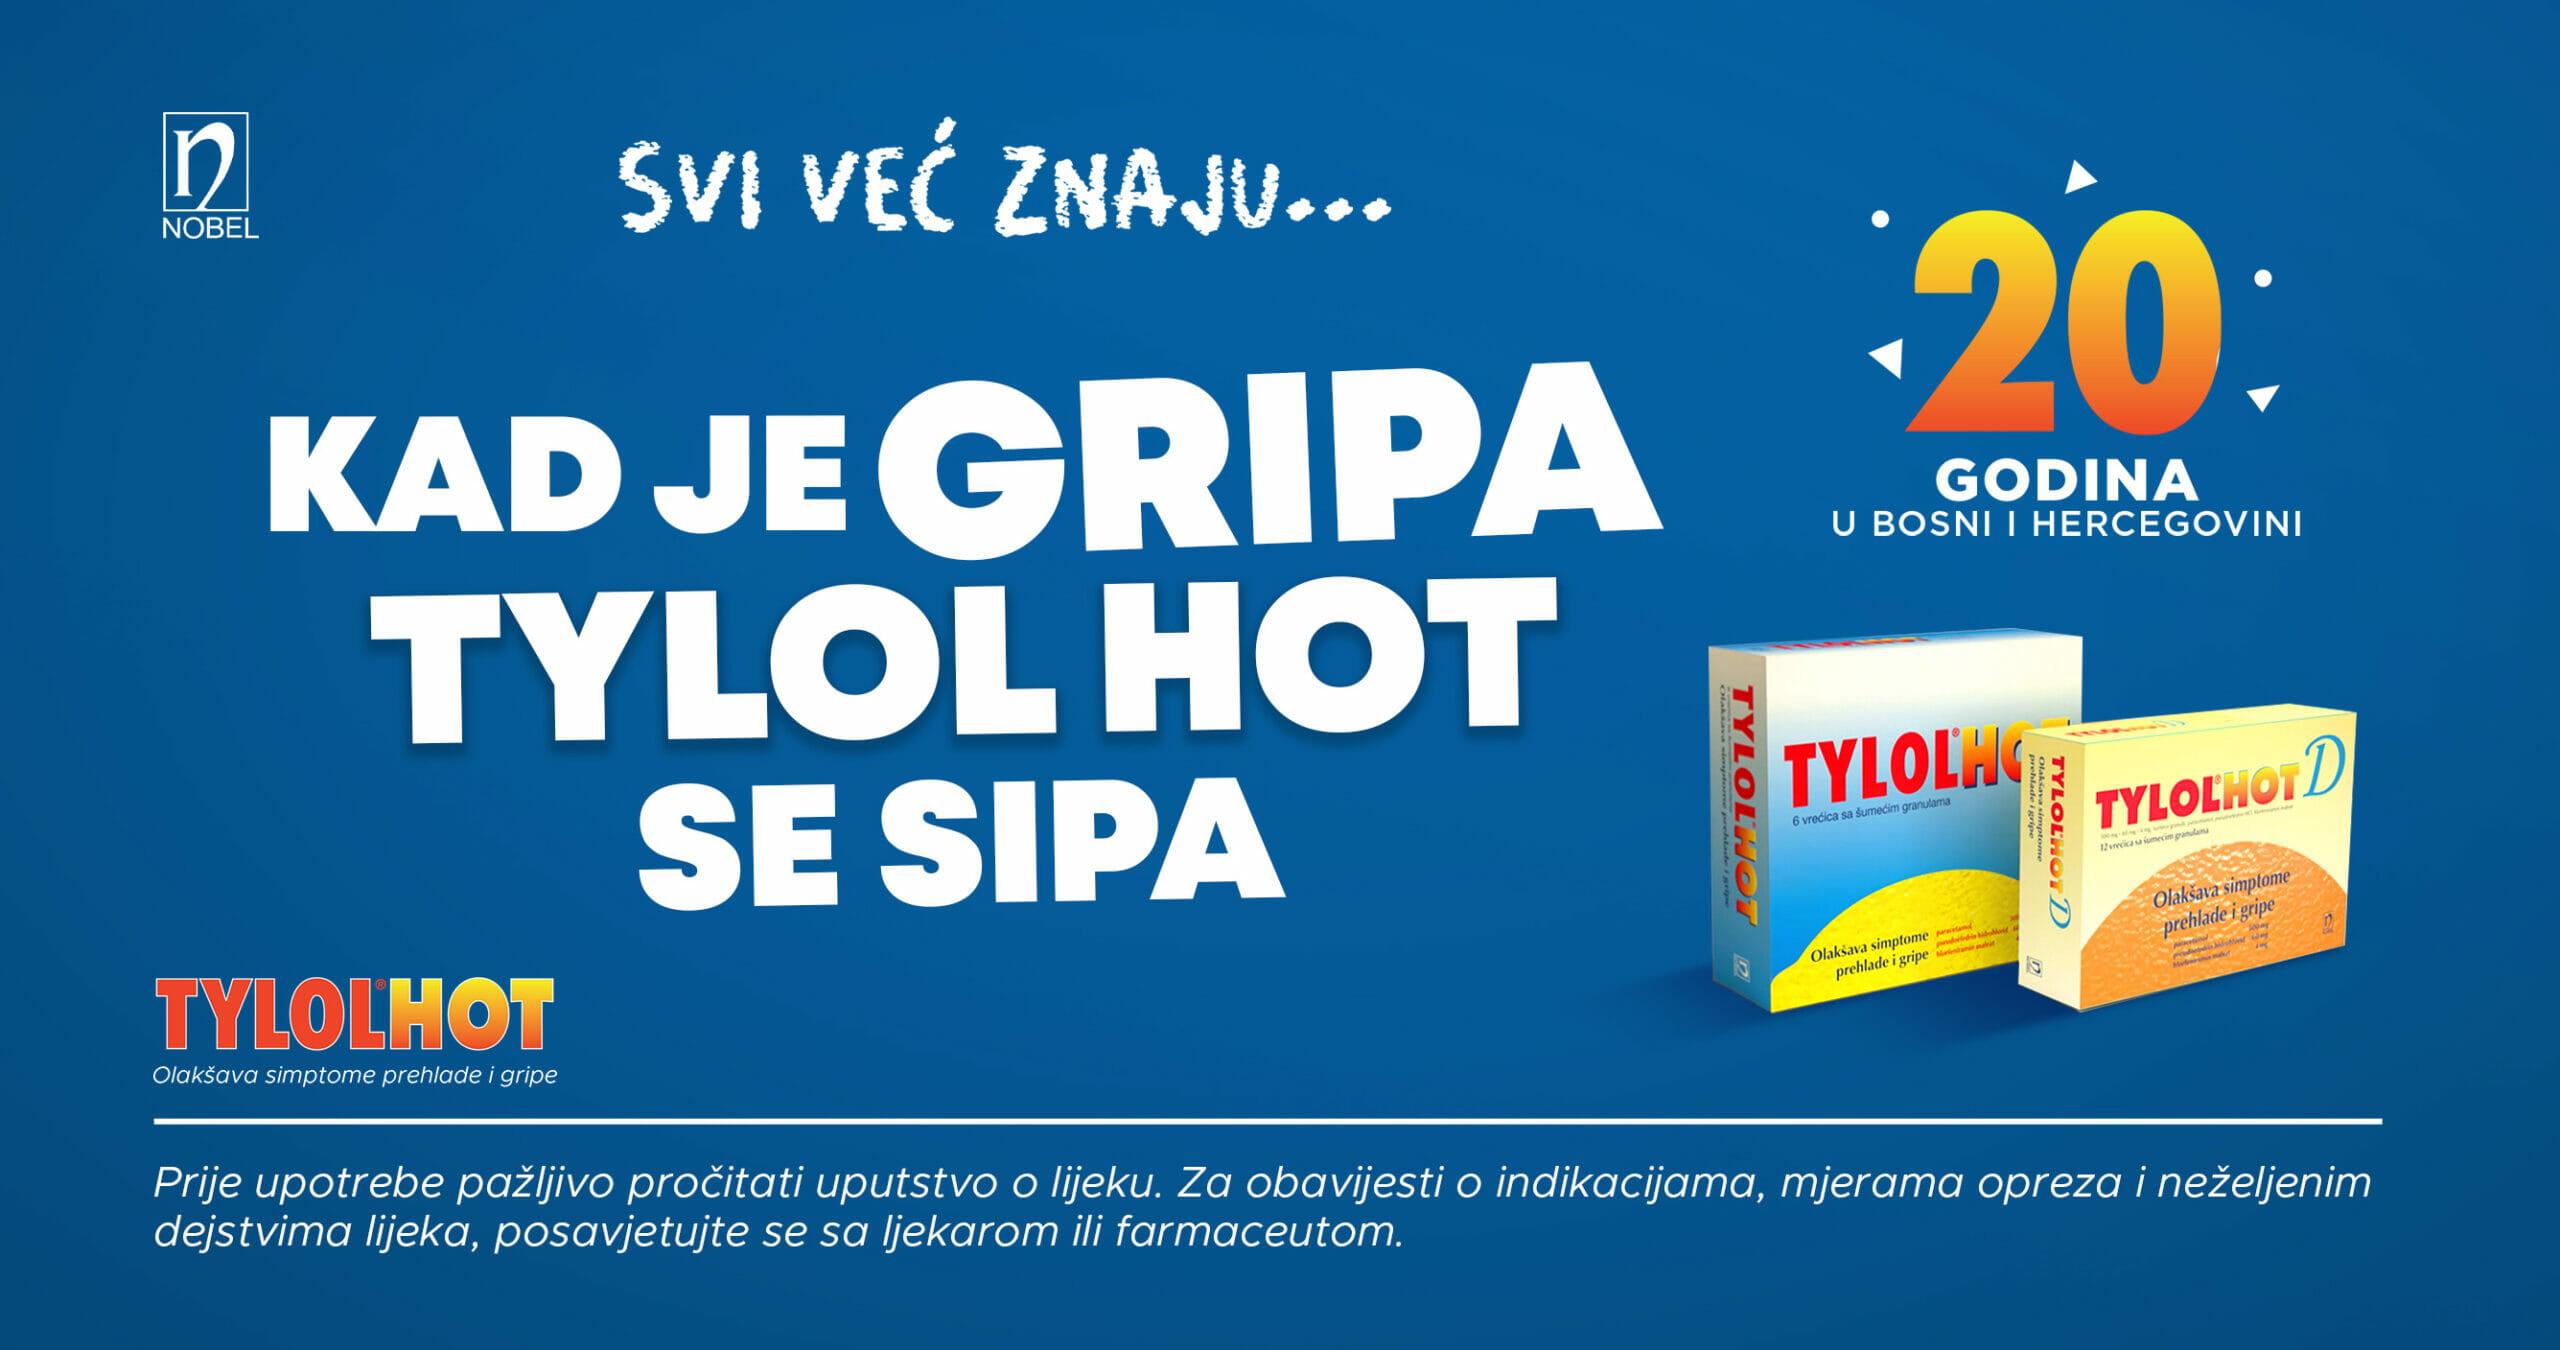 Tylol hot clanak